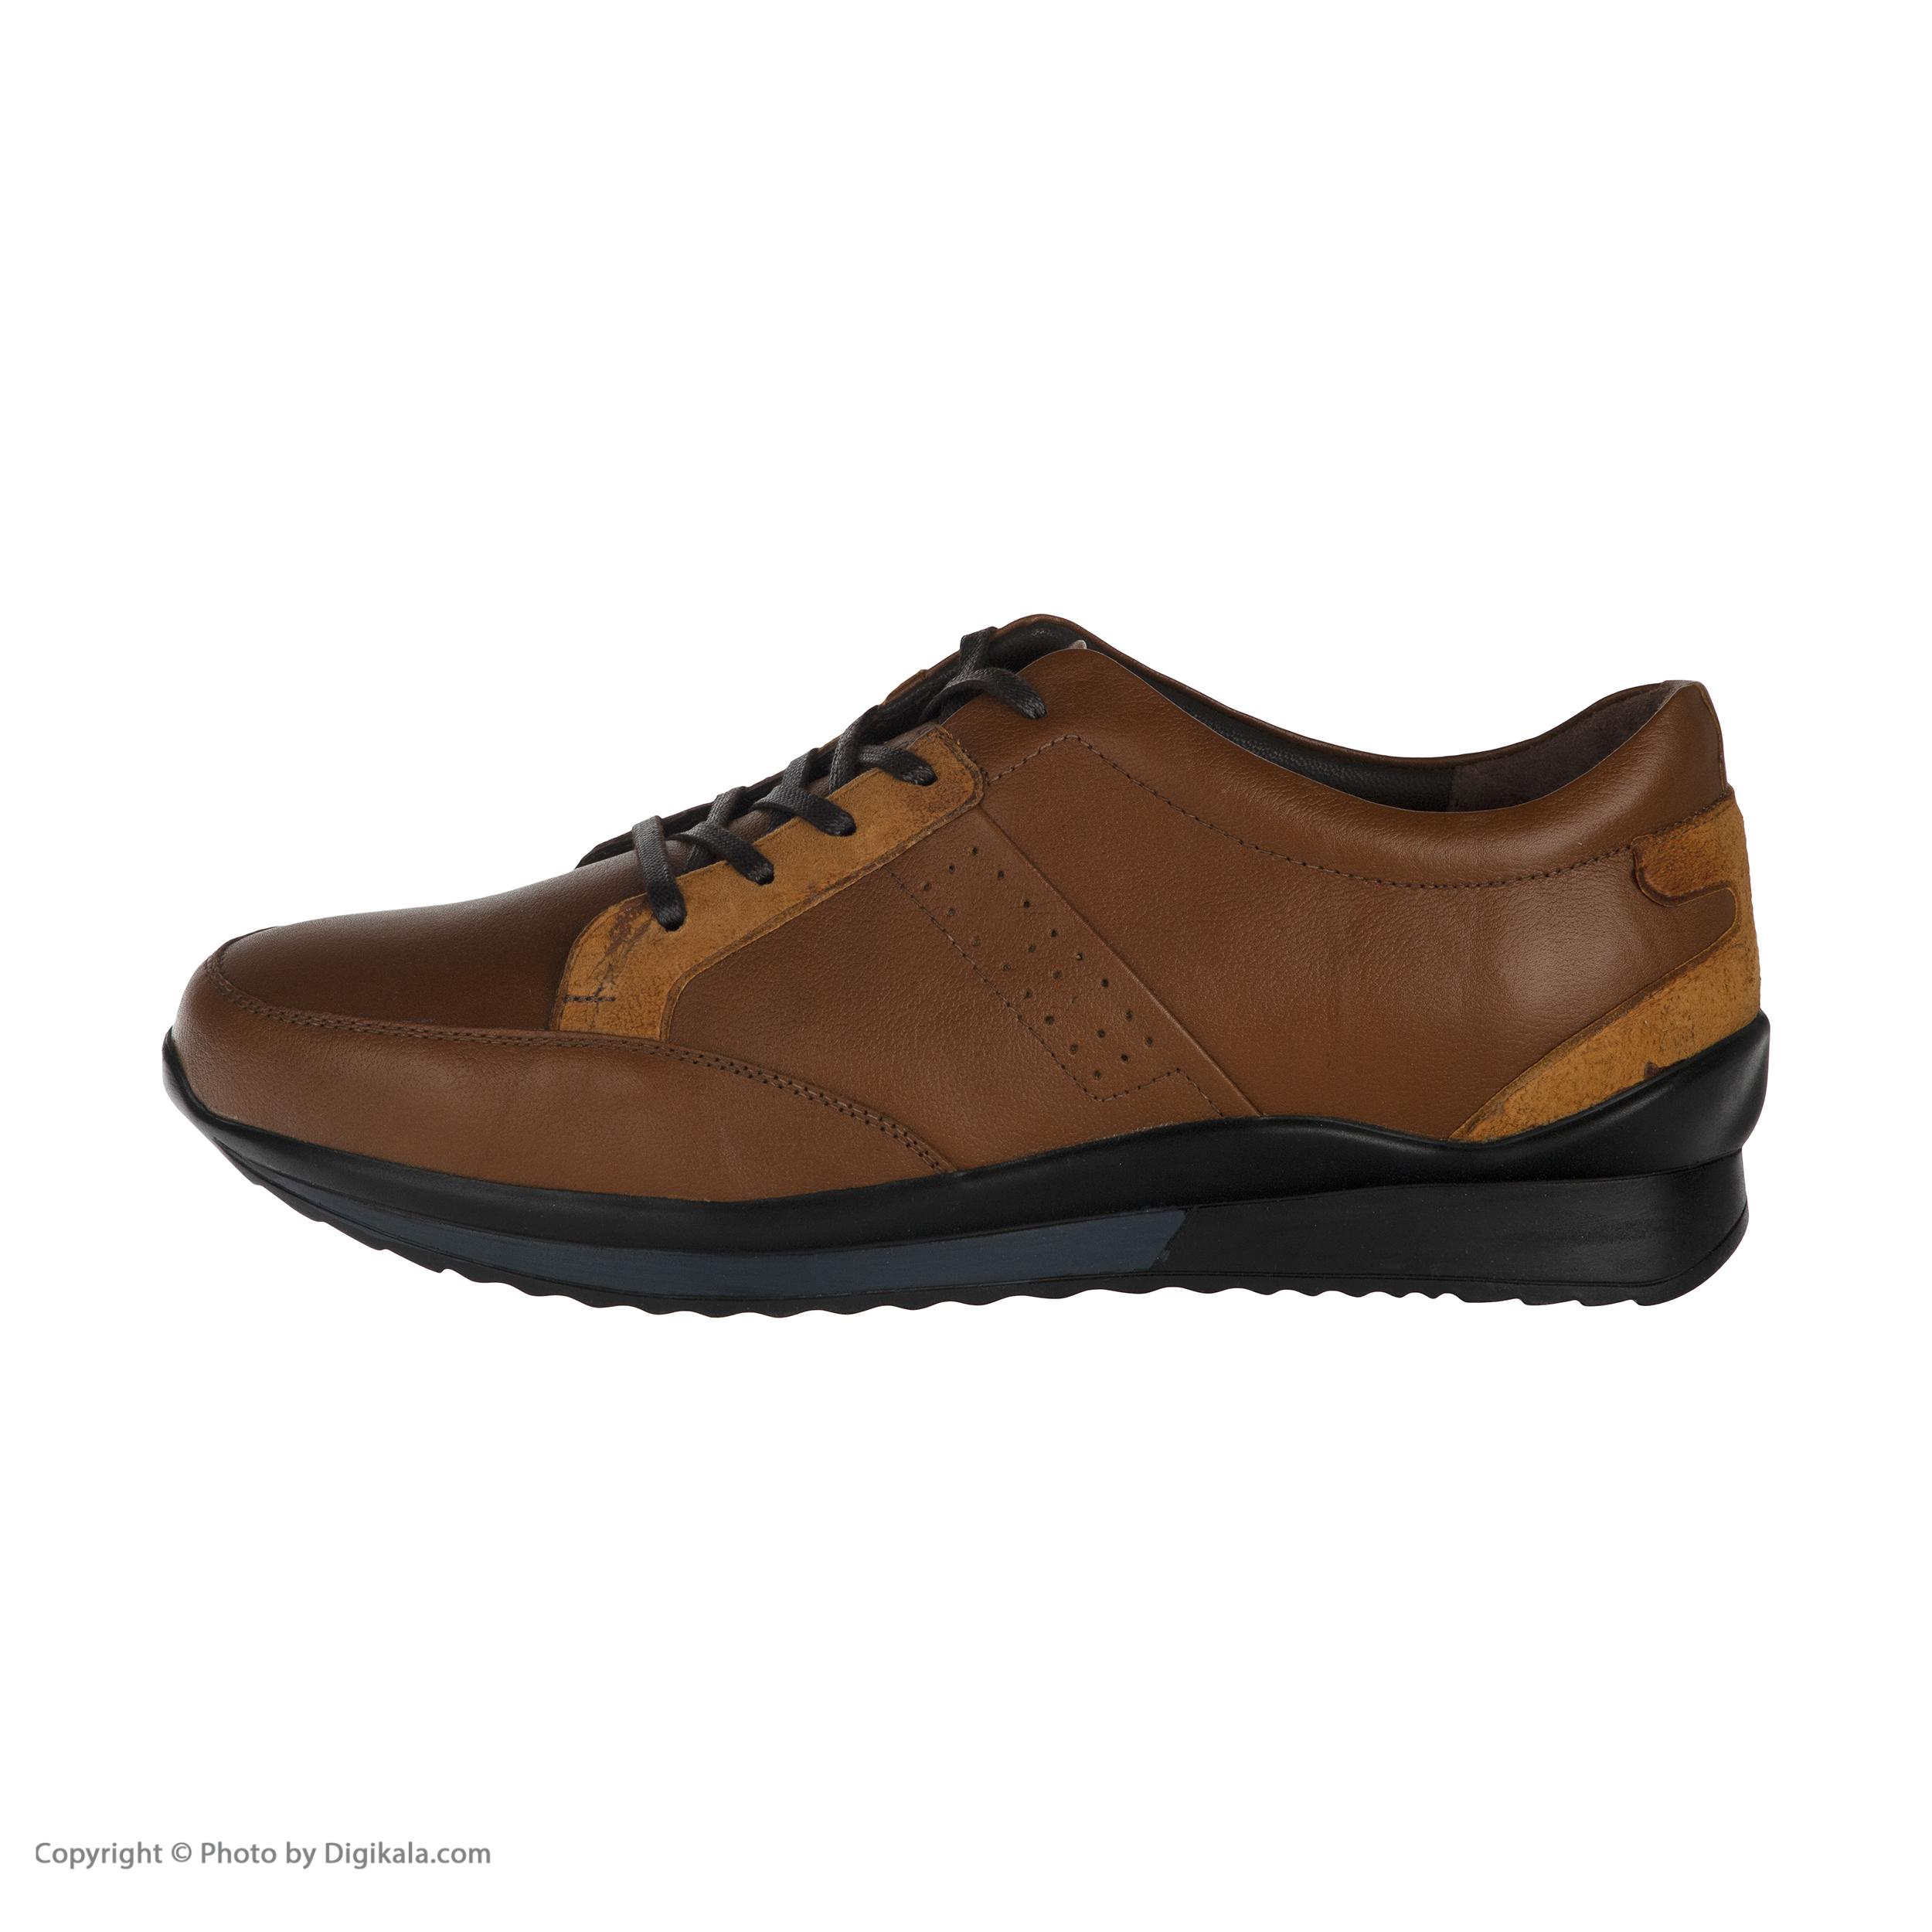 کفش روزمره مردانه بلوط مدل 7298A503136 -  - 3